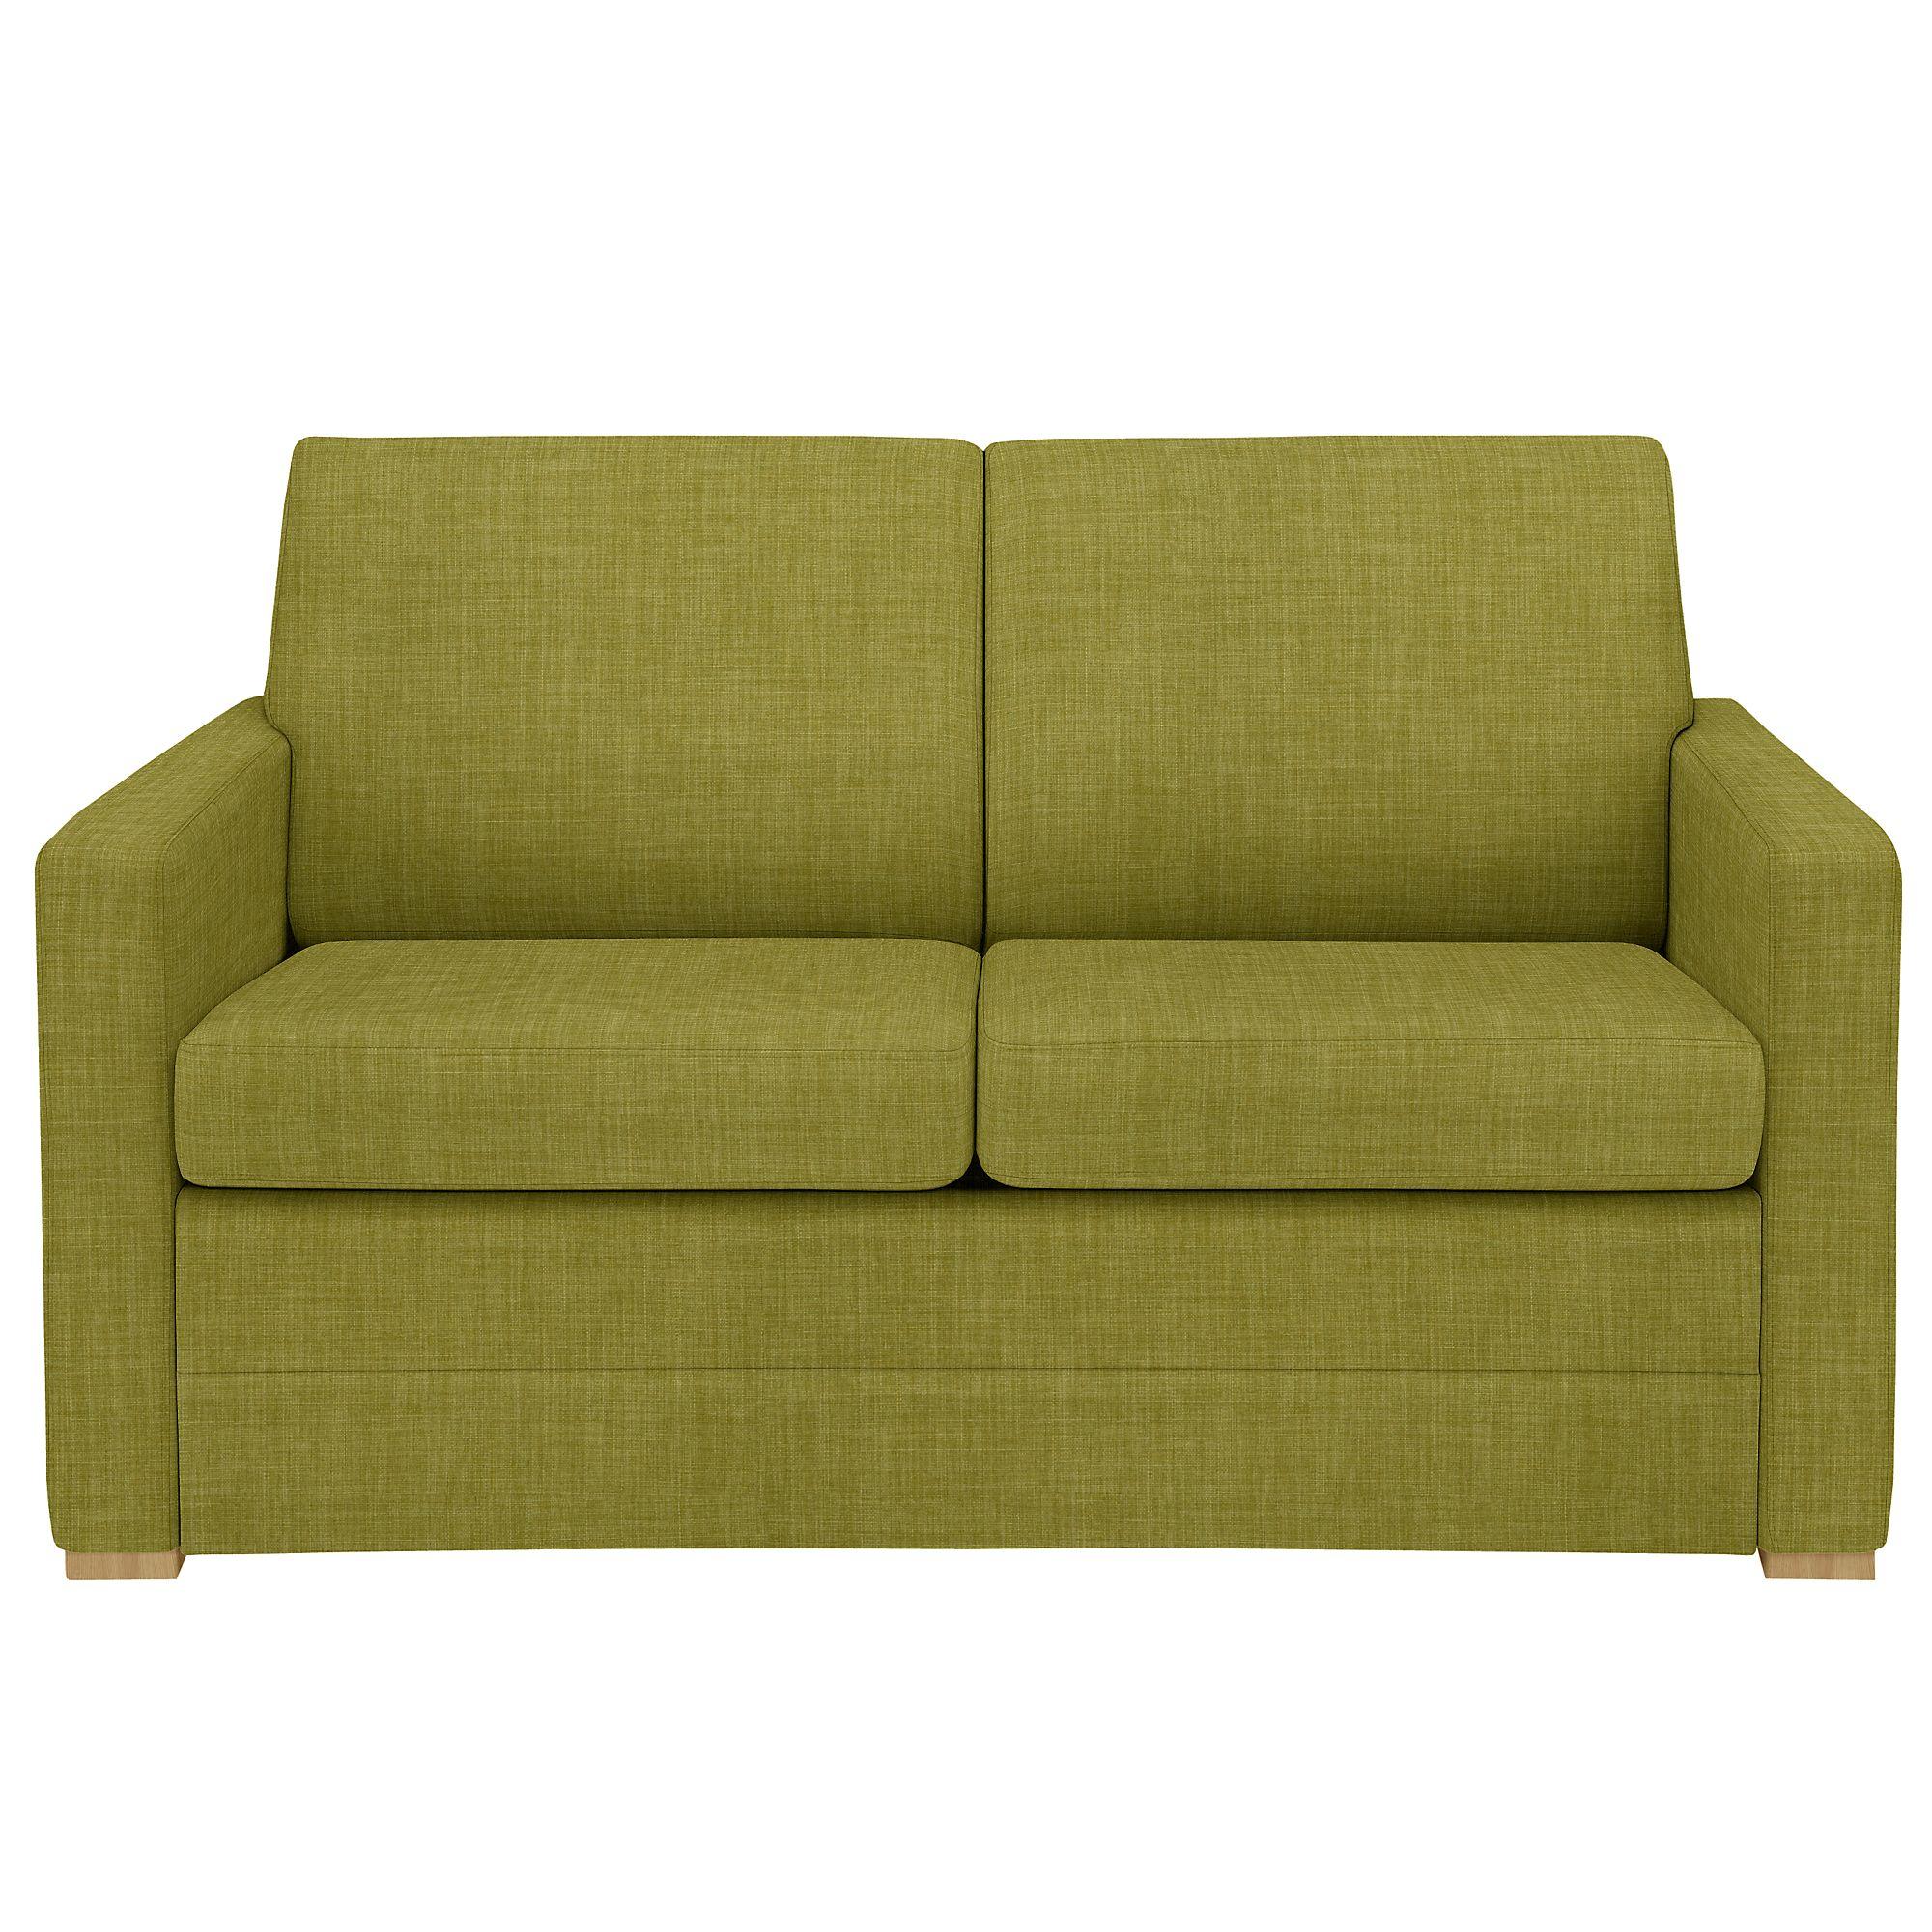 John Lewis Siesta Sofa Bed Review Brokeasshome Com